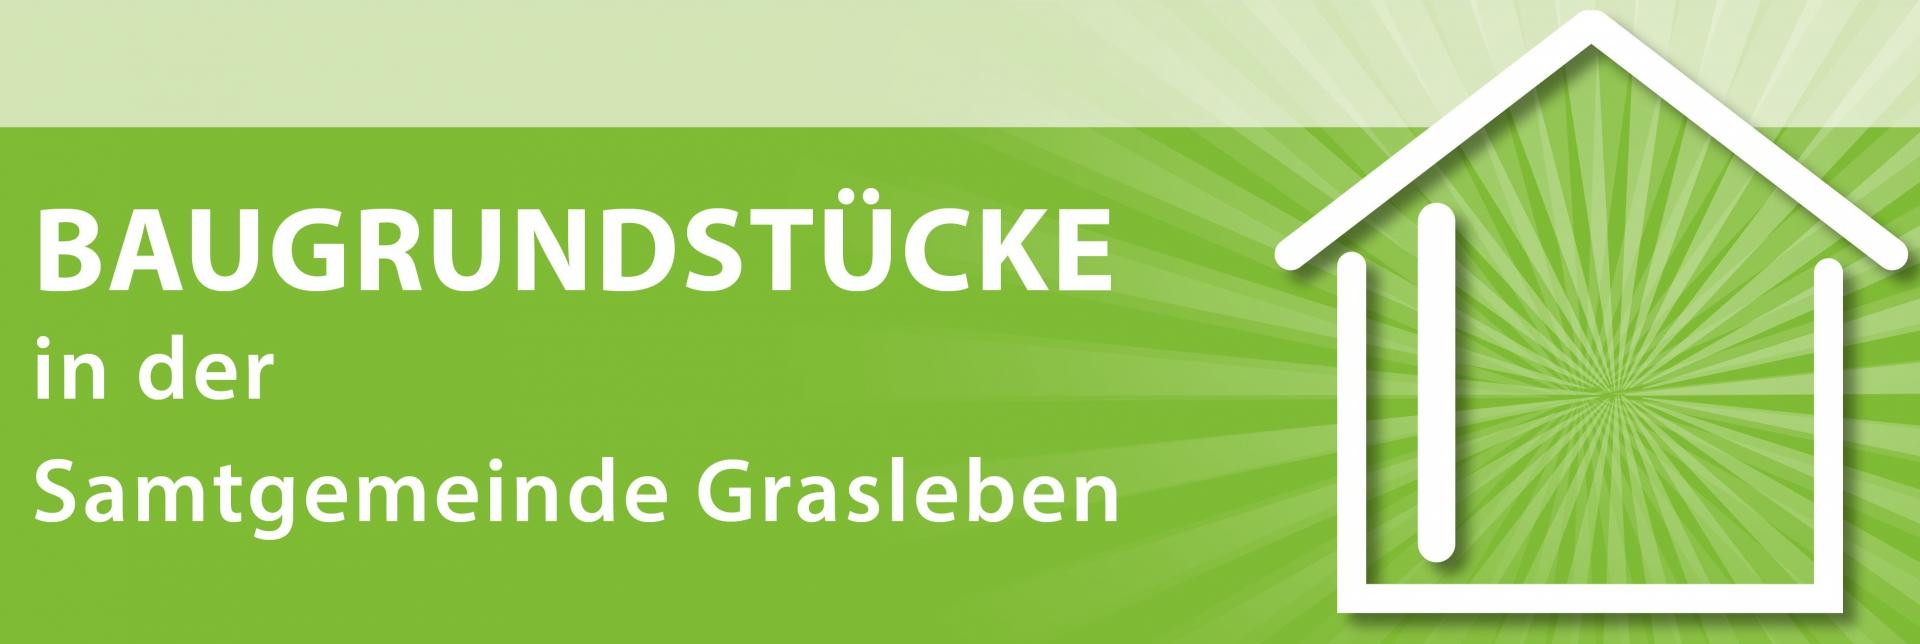 Baugrundstücke in der Samtgemeinde Grasleben_09-2020